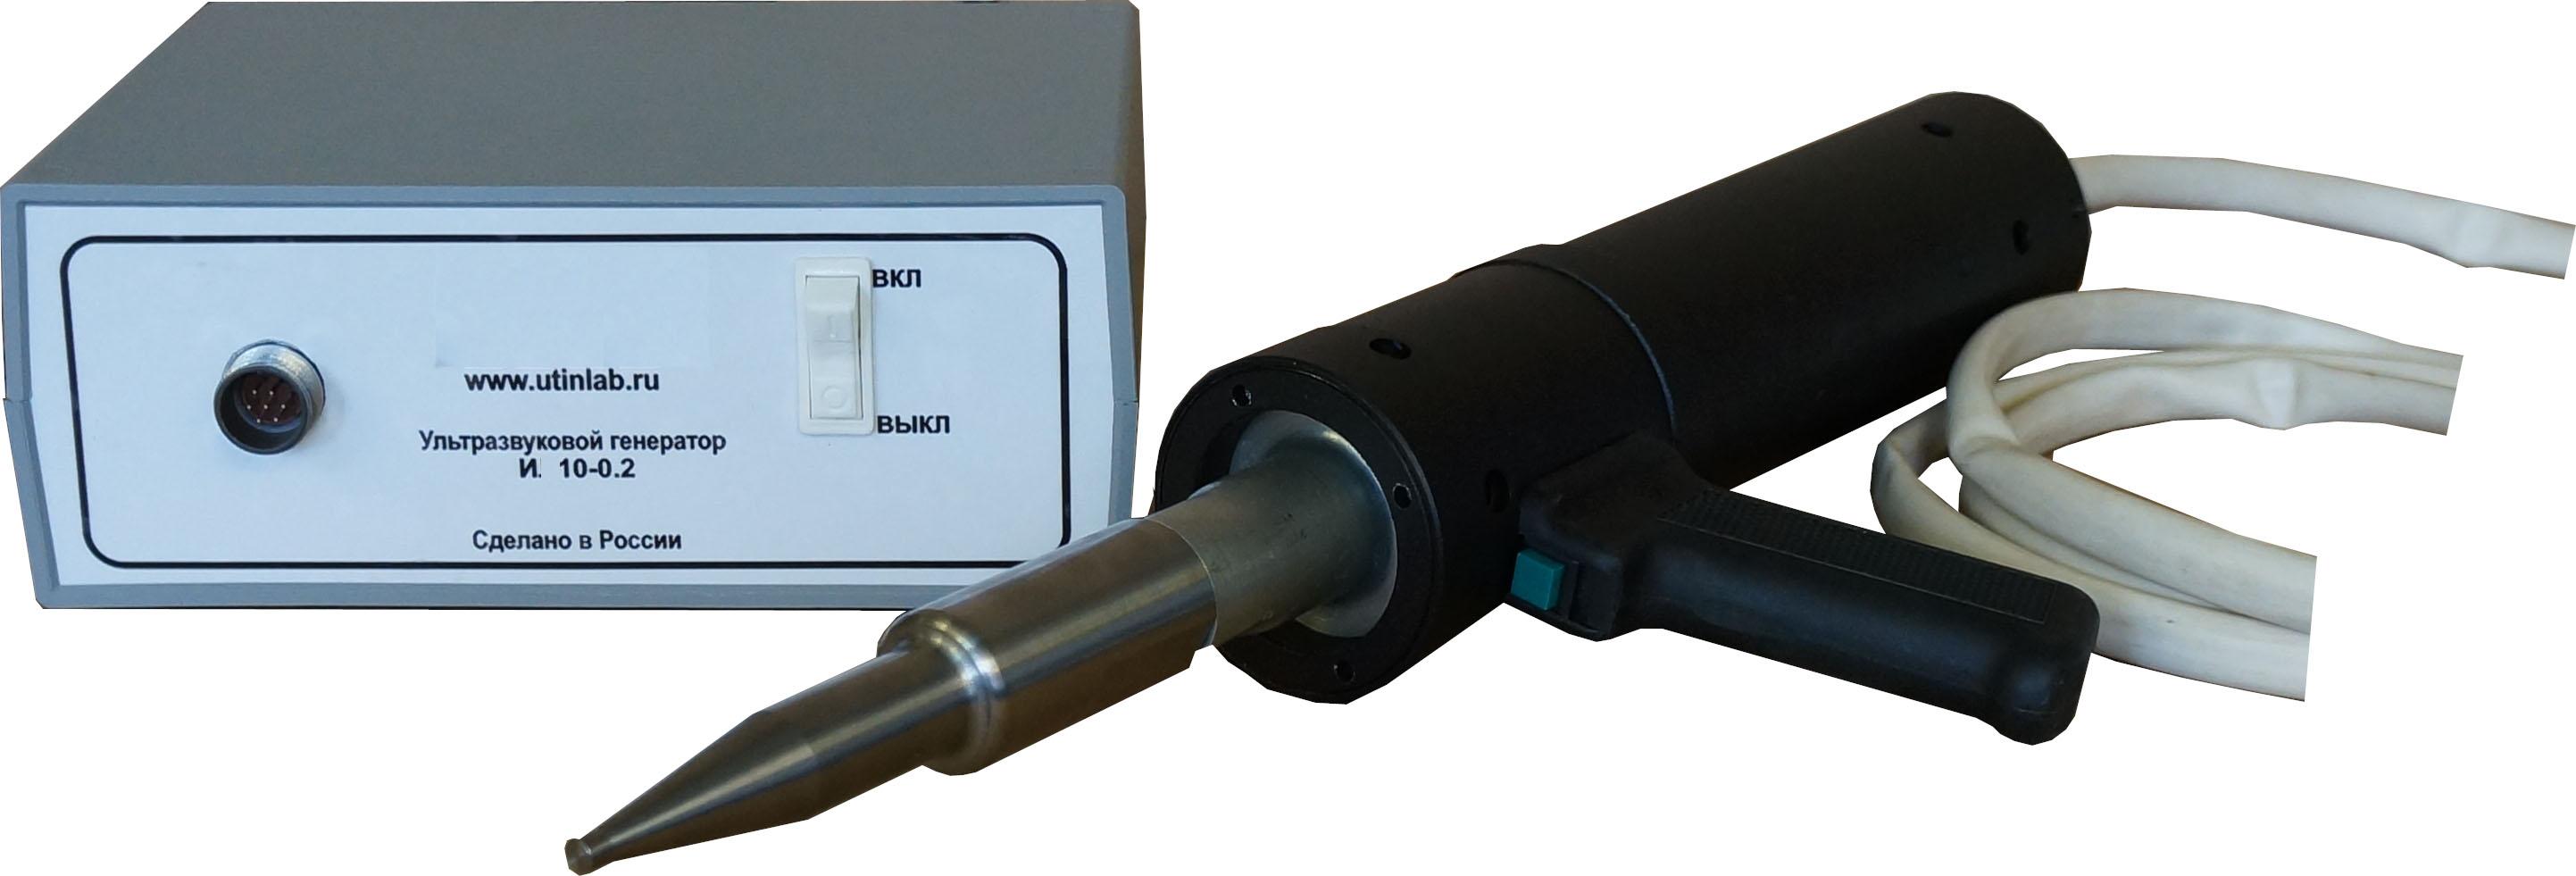 IL100-7/6 hand ultrasonic welding pistol